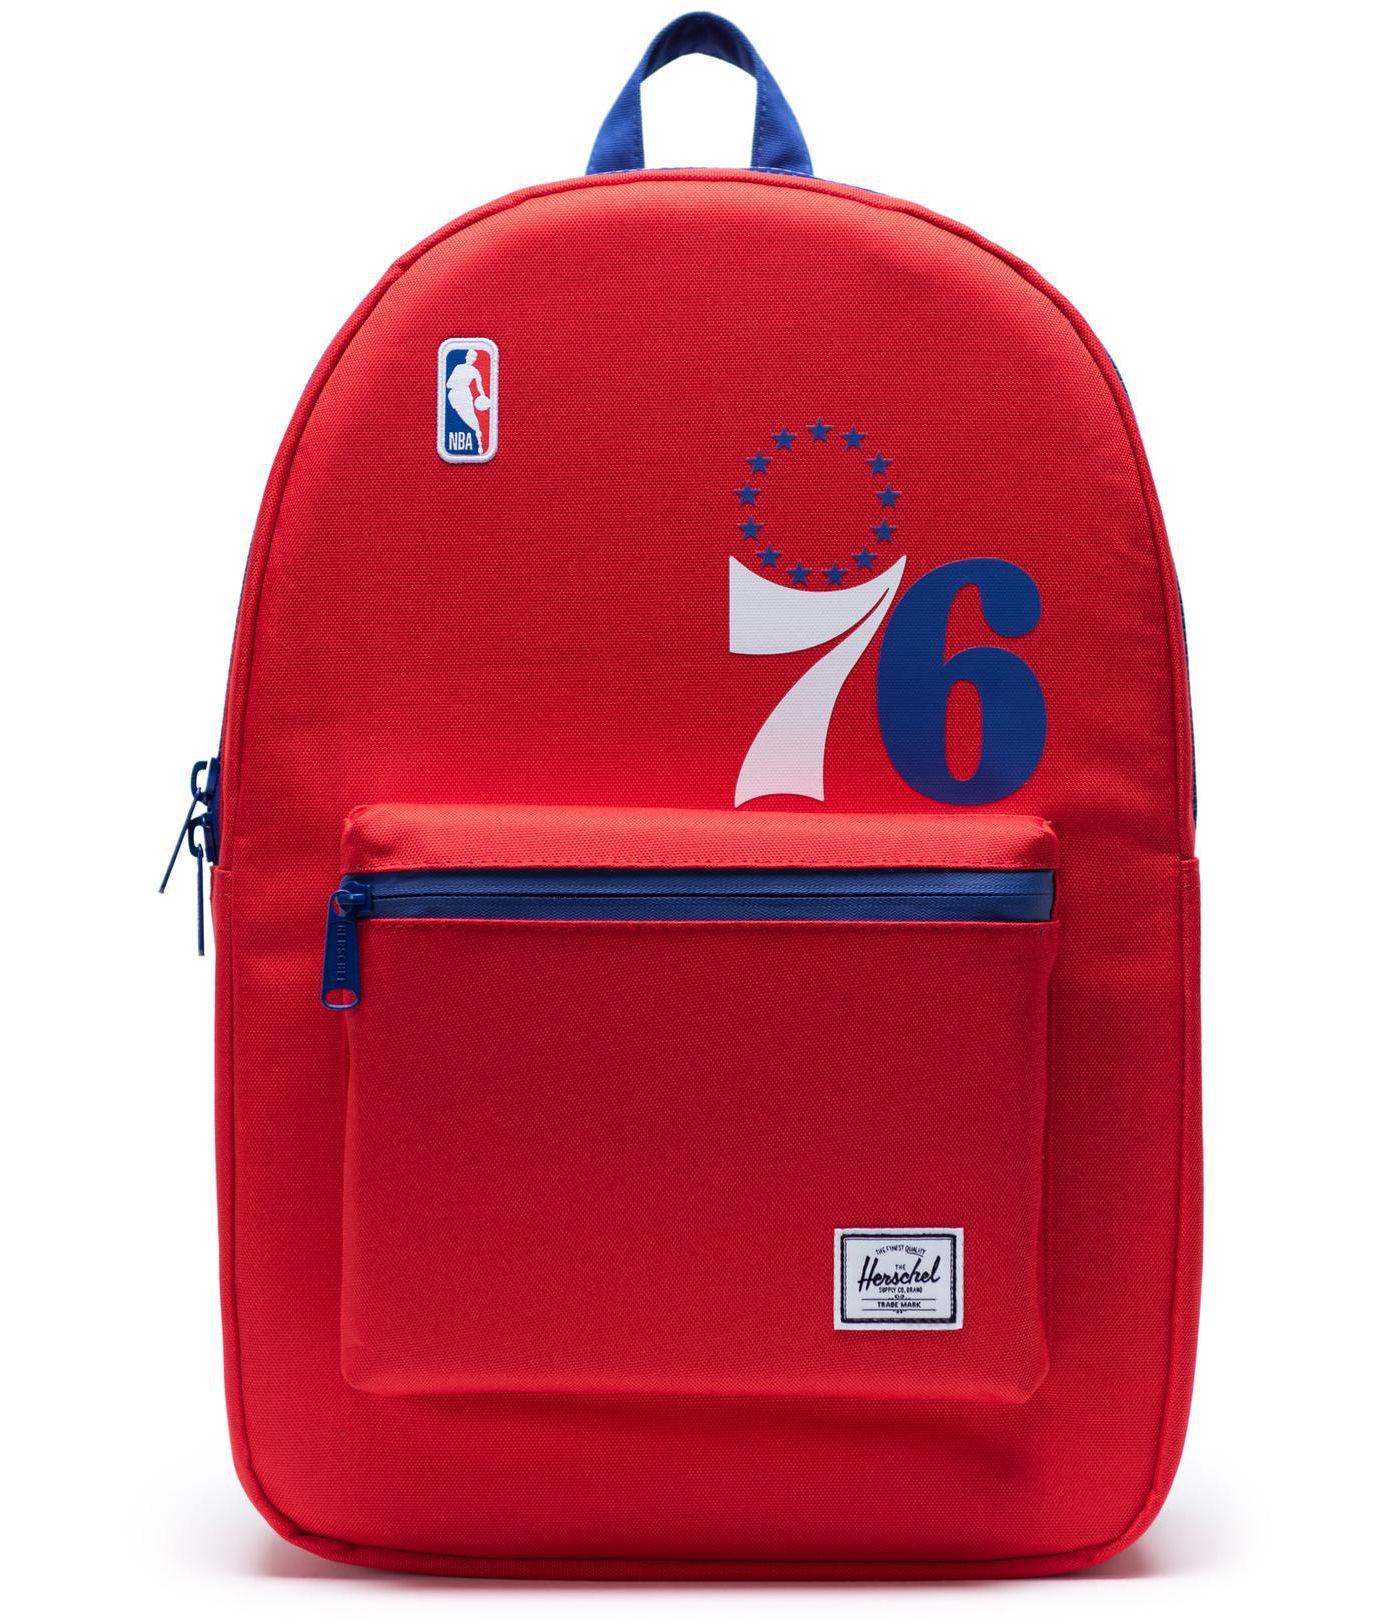 Herschel Philadelphia 76ers Red Backpack